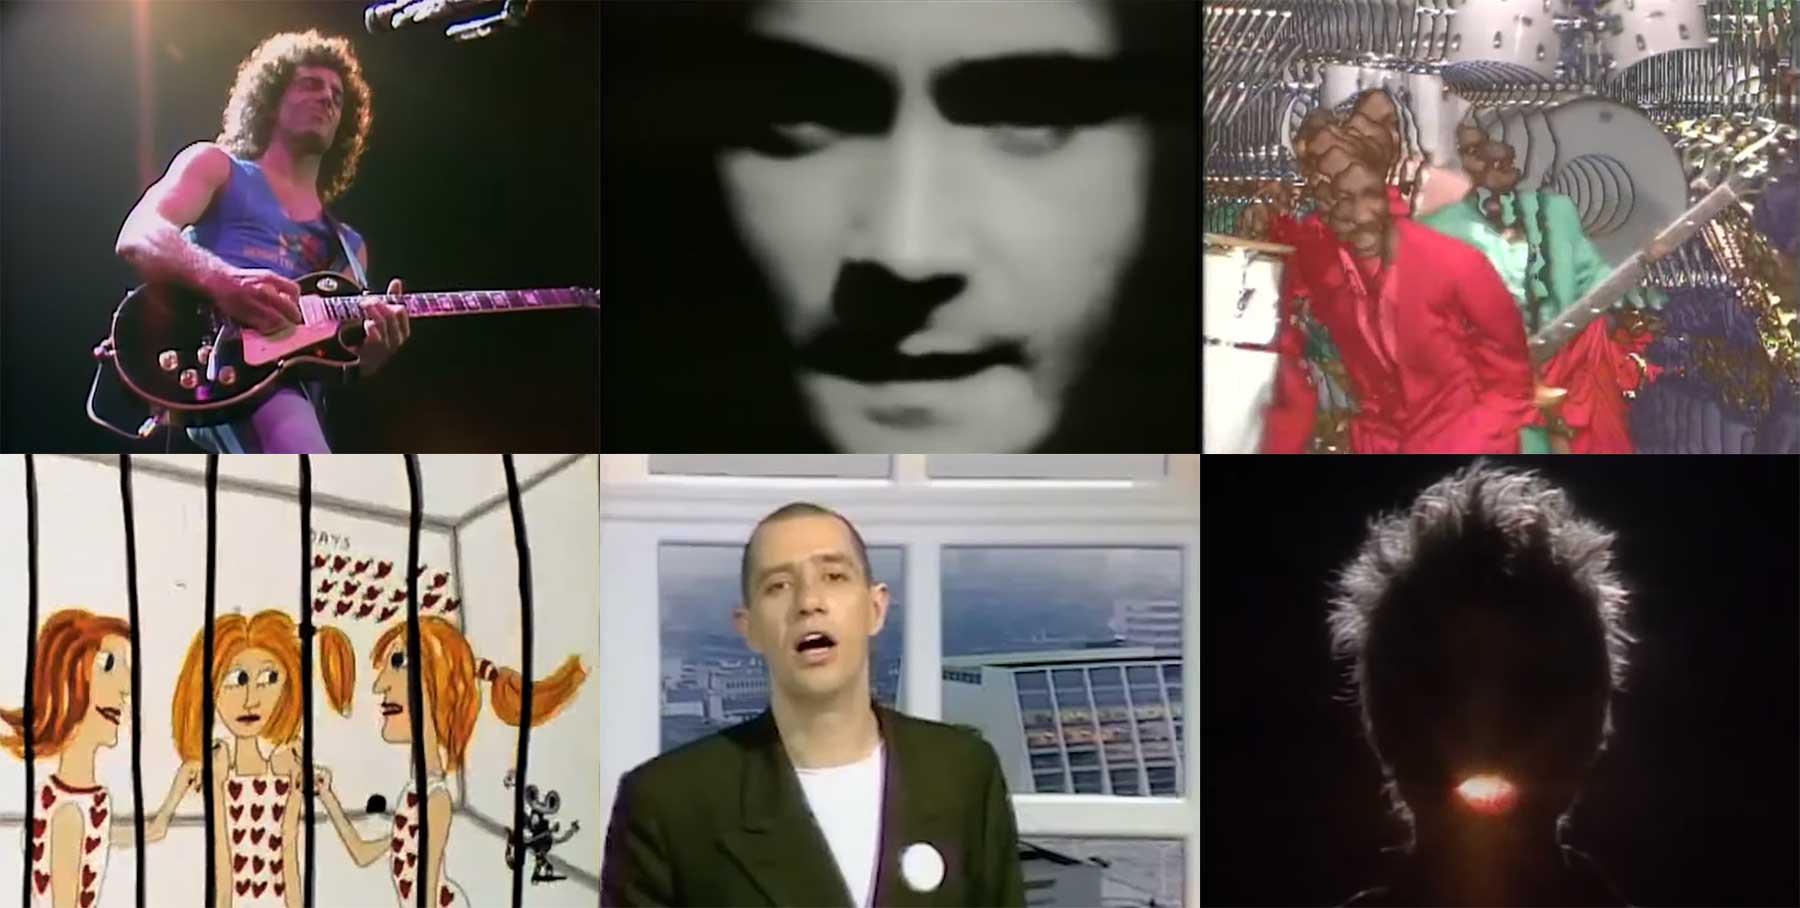 Mashup: 50 Songs aus dem Jahr 1981 in 3 Minuten musik-mashup-jahr-1981